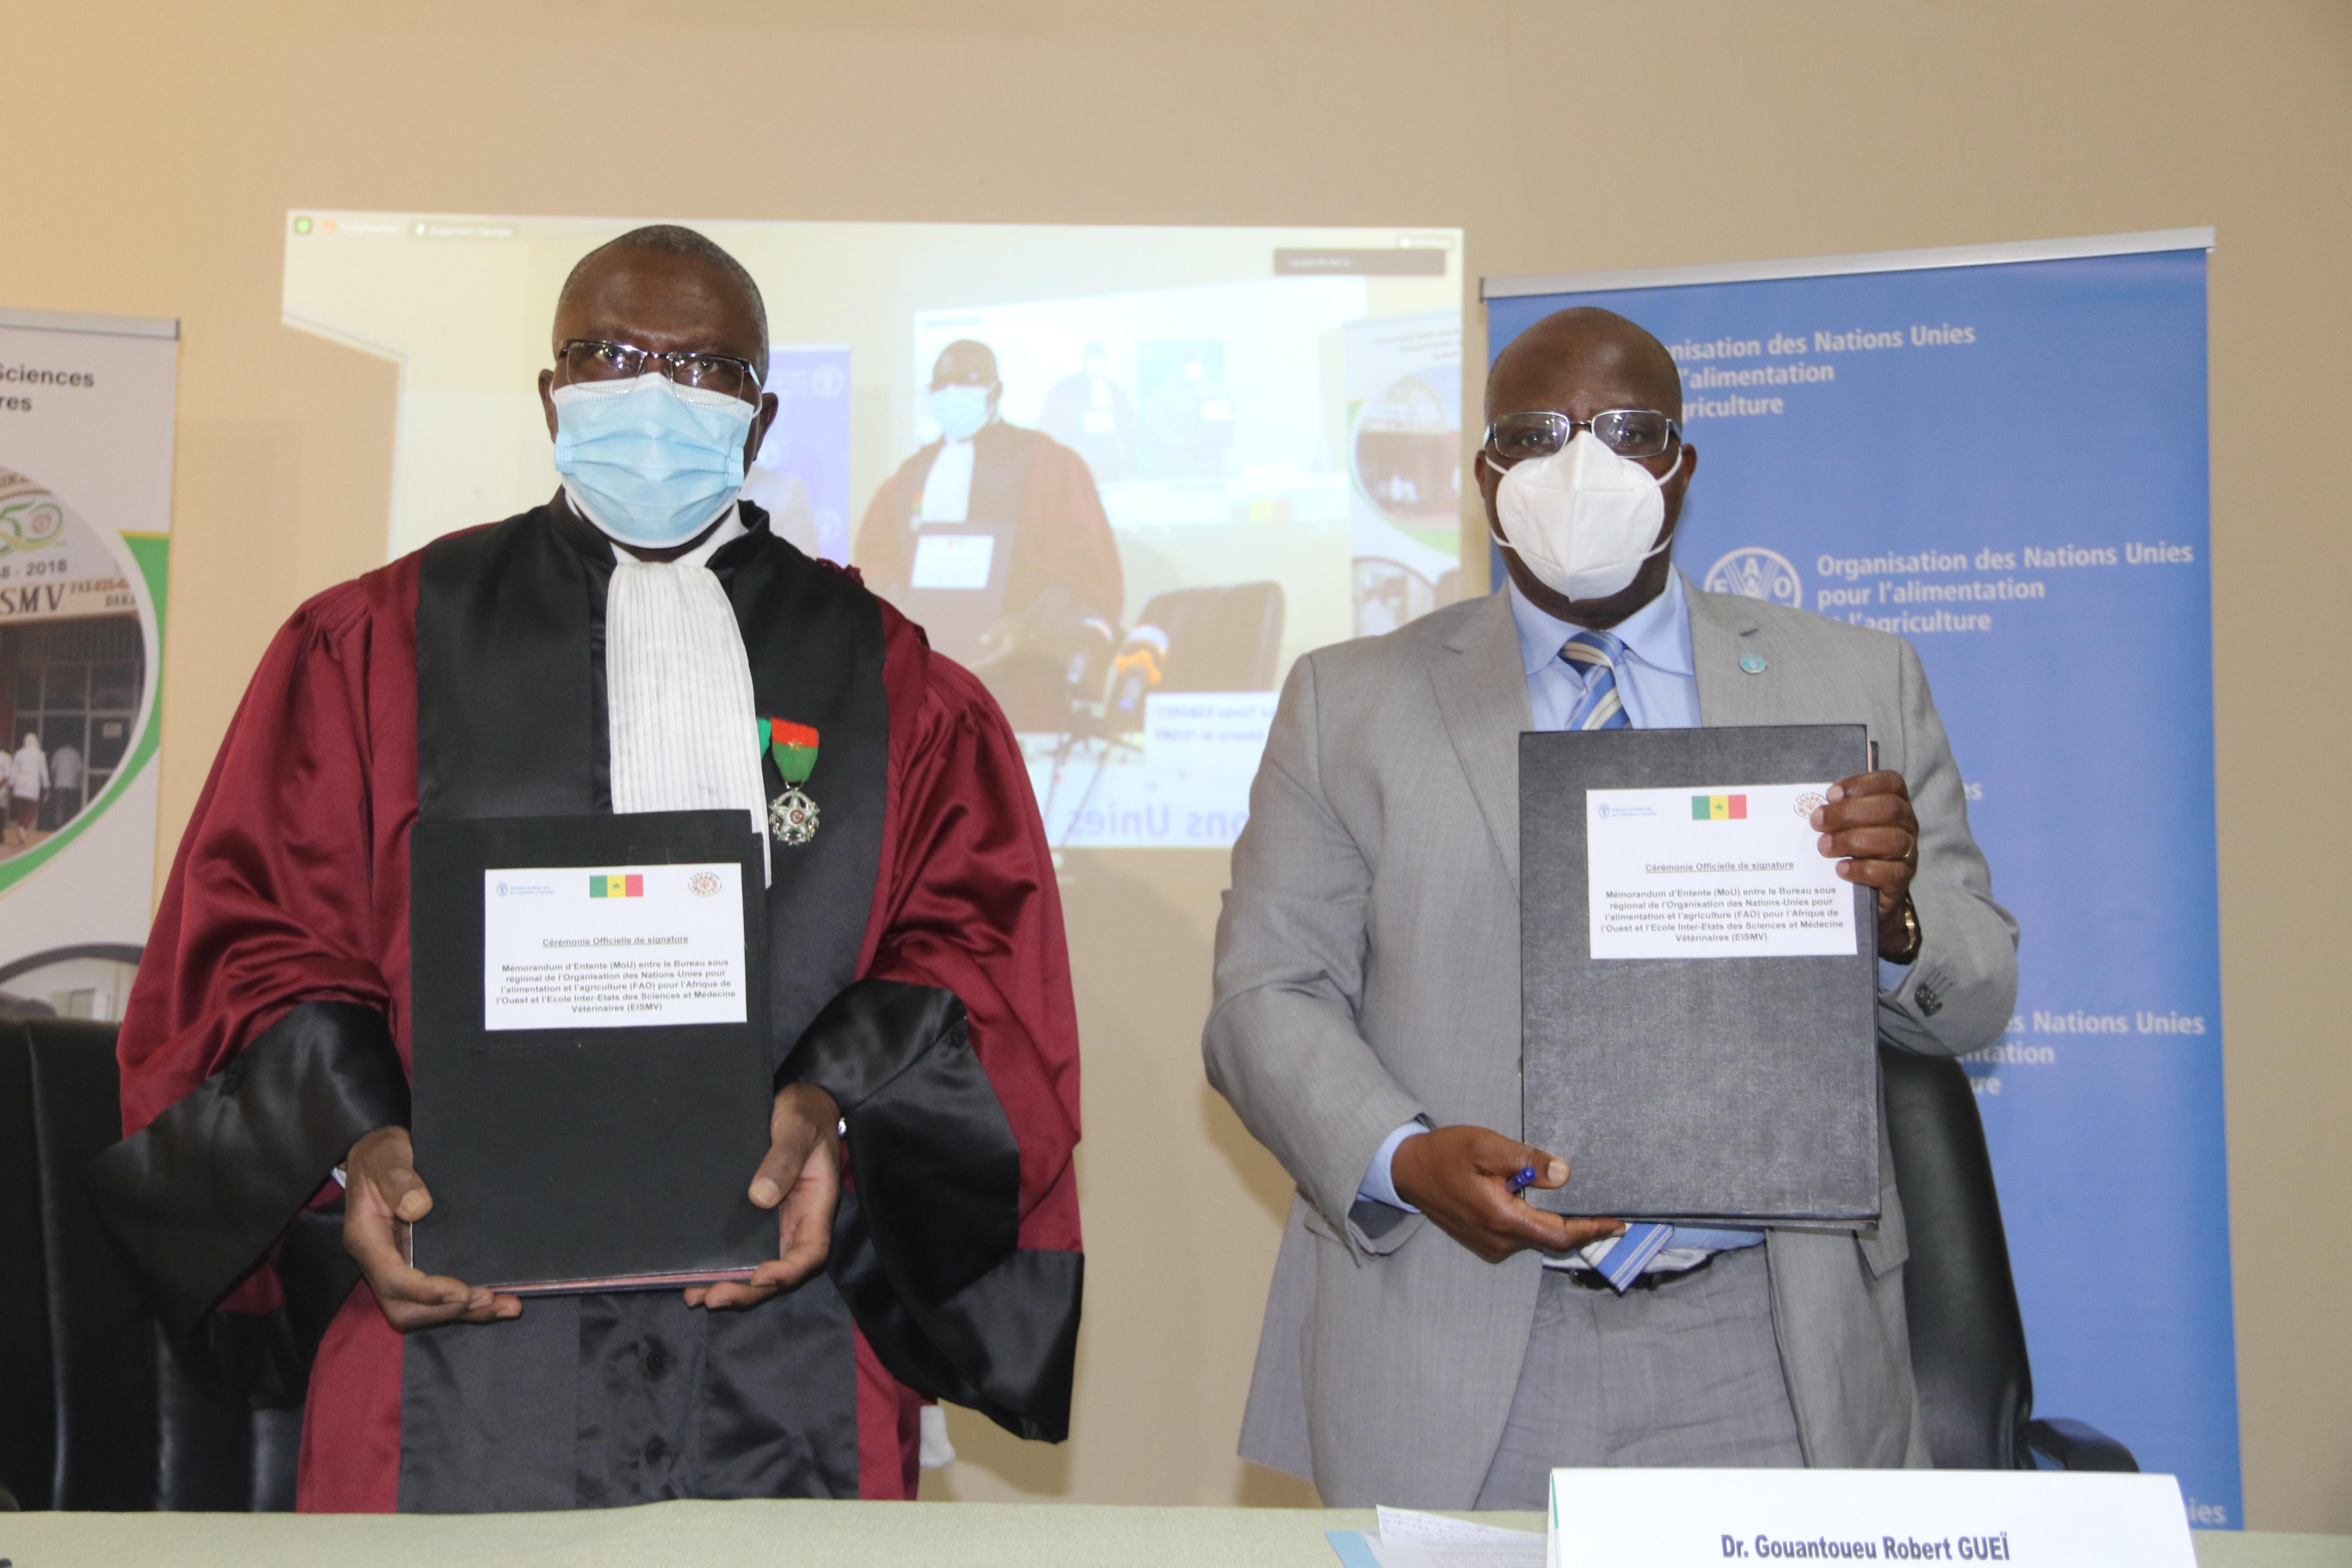 Développement de l'élevage et de la  santé animale en Afrique : La Fao et l'Eismv de l'Ucad de Dakar nouent un partenariat